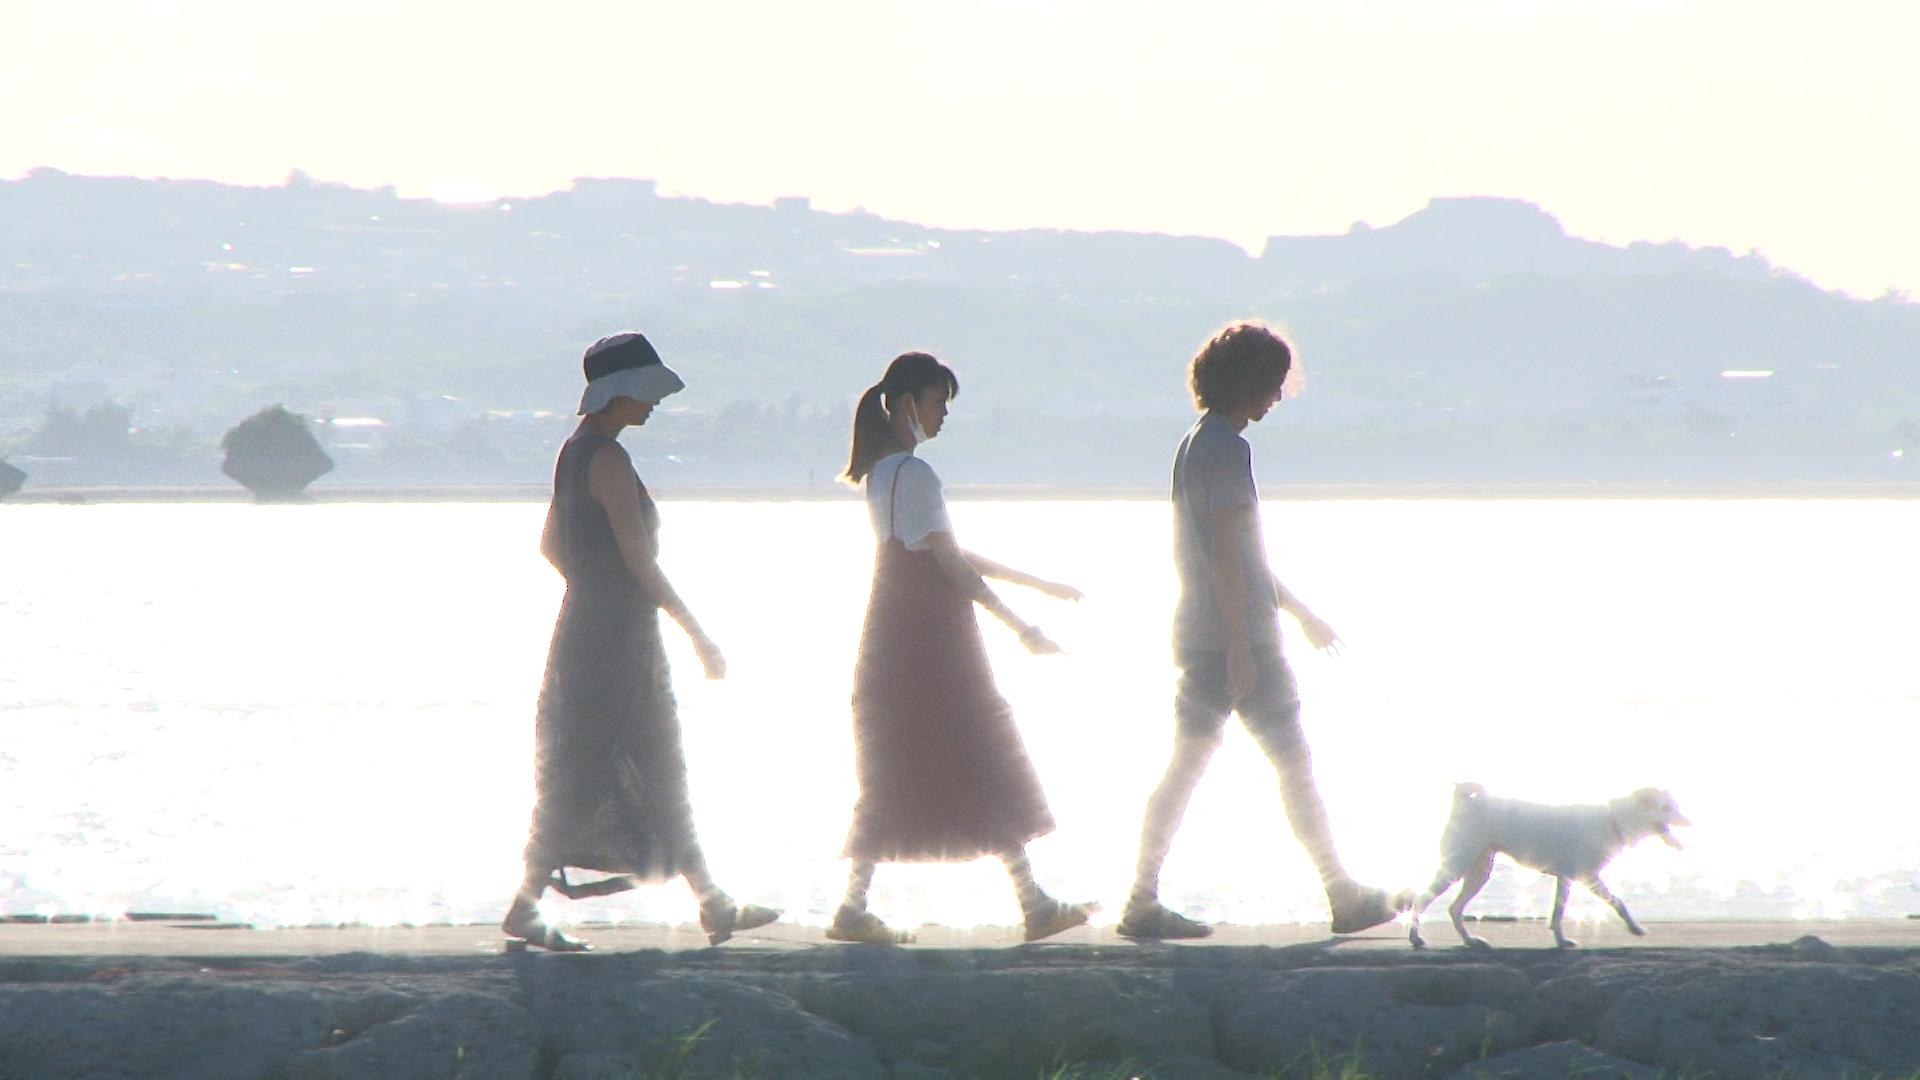 RBC琉球放送【気ままにロハススタイル】NEWS 2021/09/06